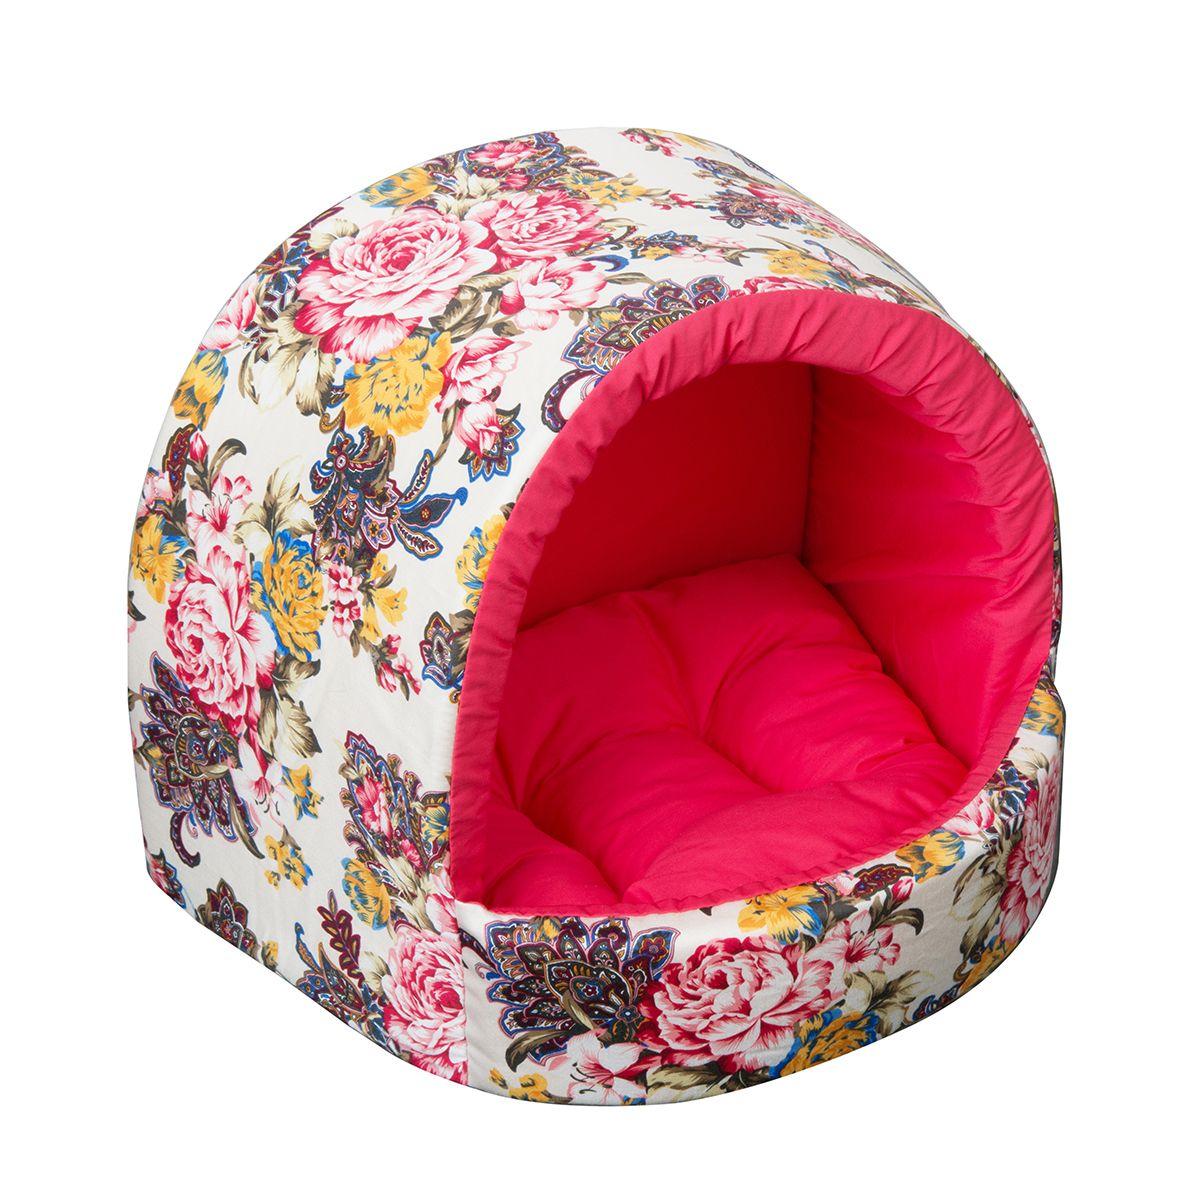 Домик Dogmoda Бутон 29*27*23 см0120710Модный цветочный дизайн этого уютного домика для животных отразит прекрасный вкус владельца и прекрасно дополнит интерьер.